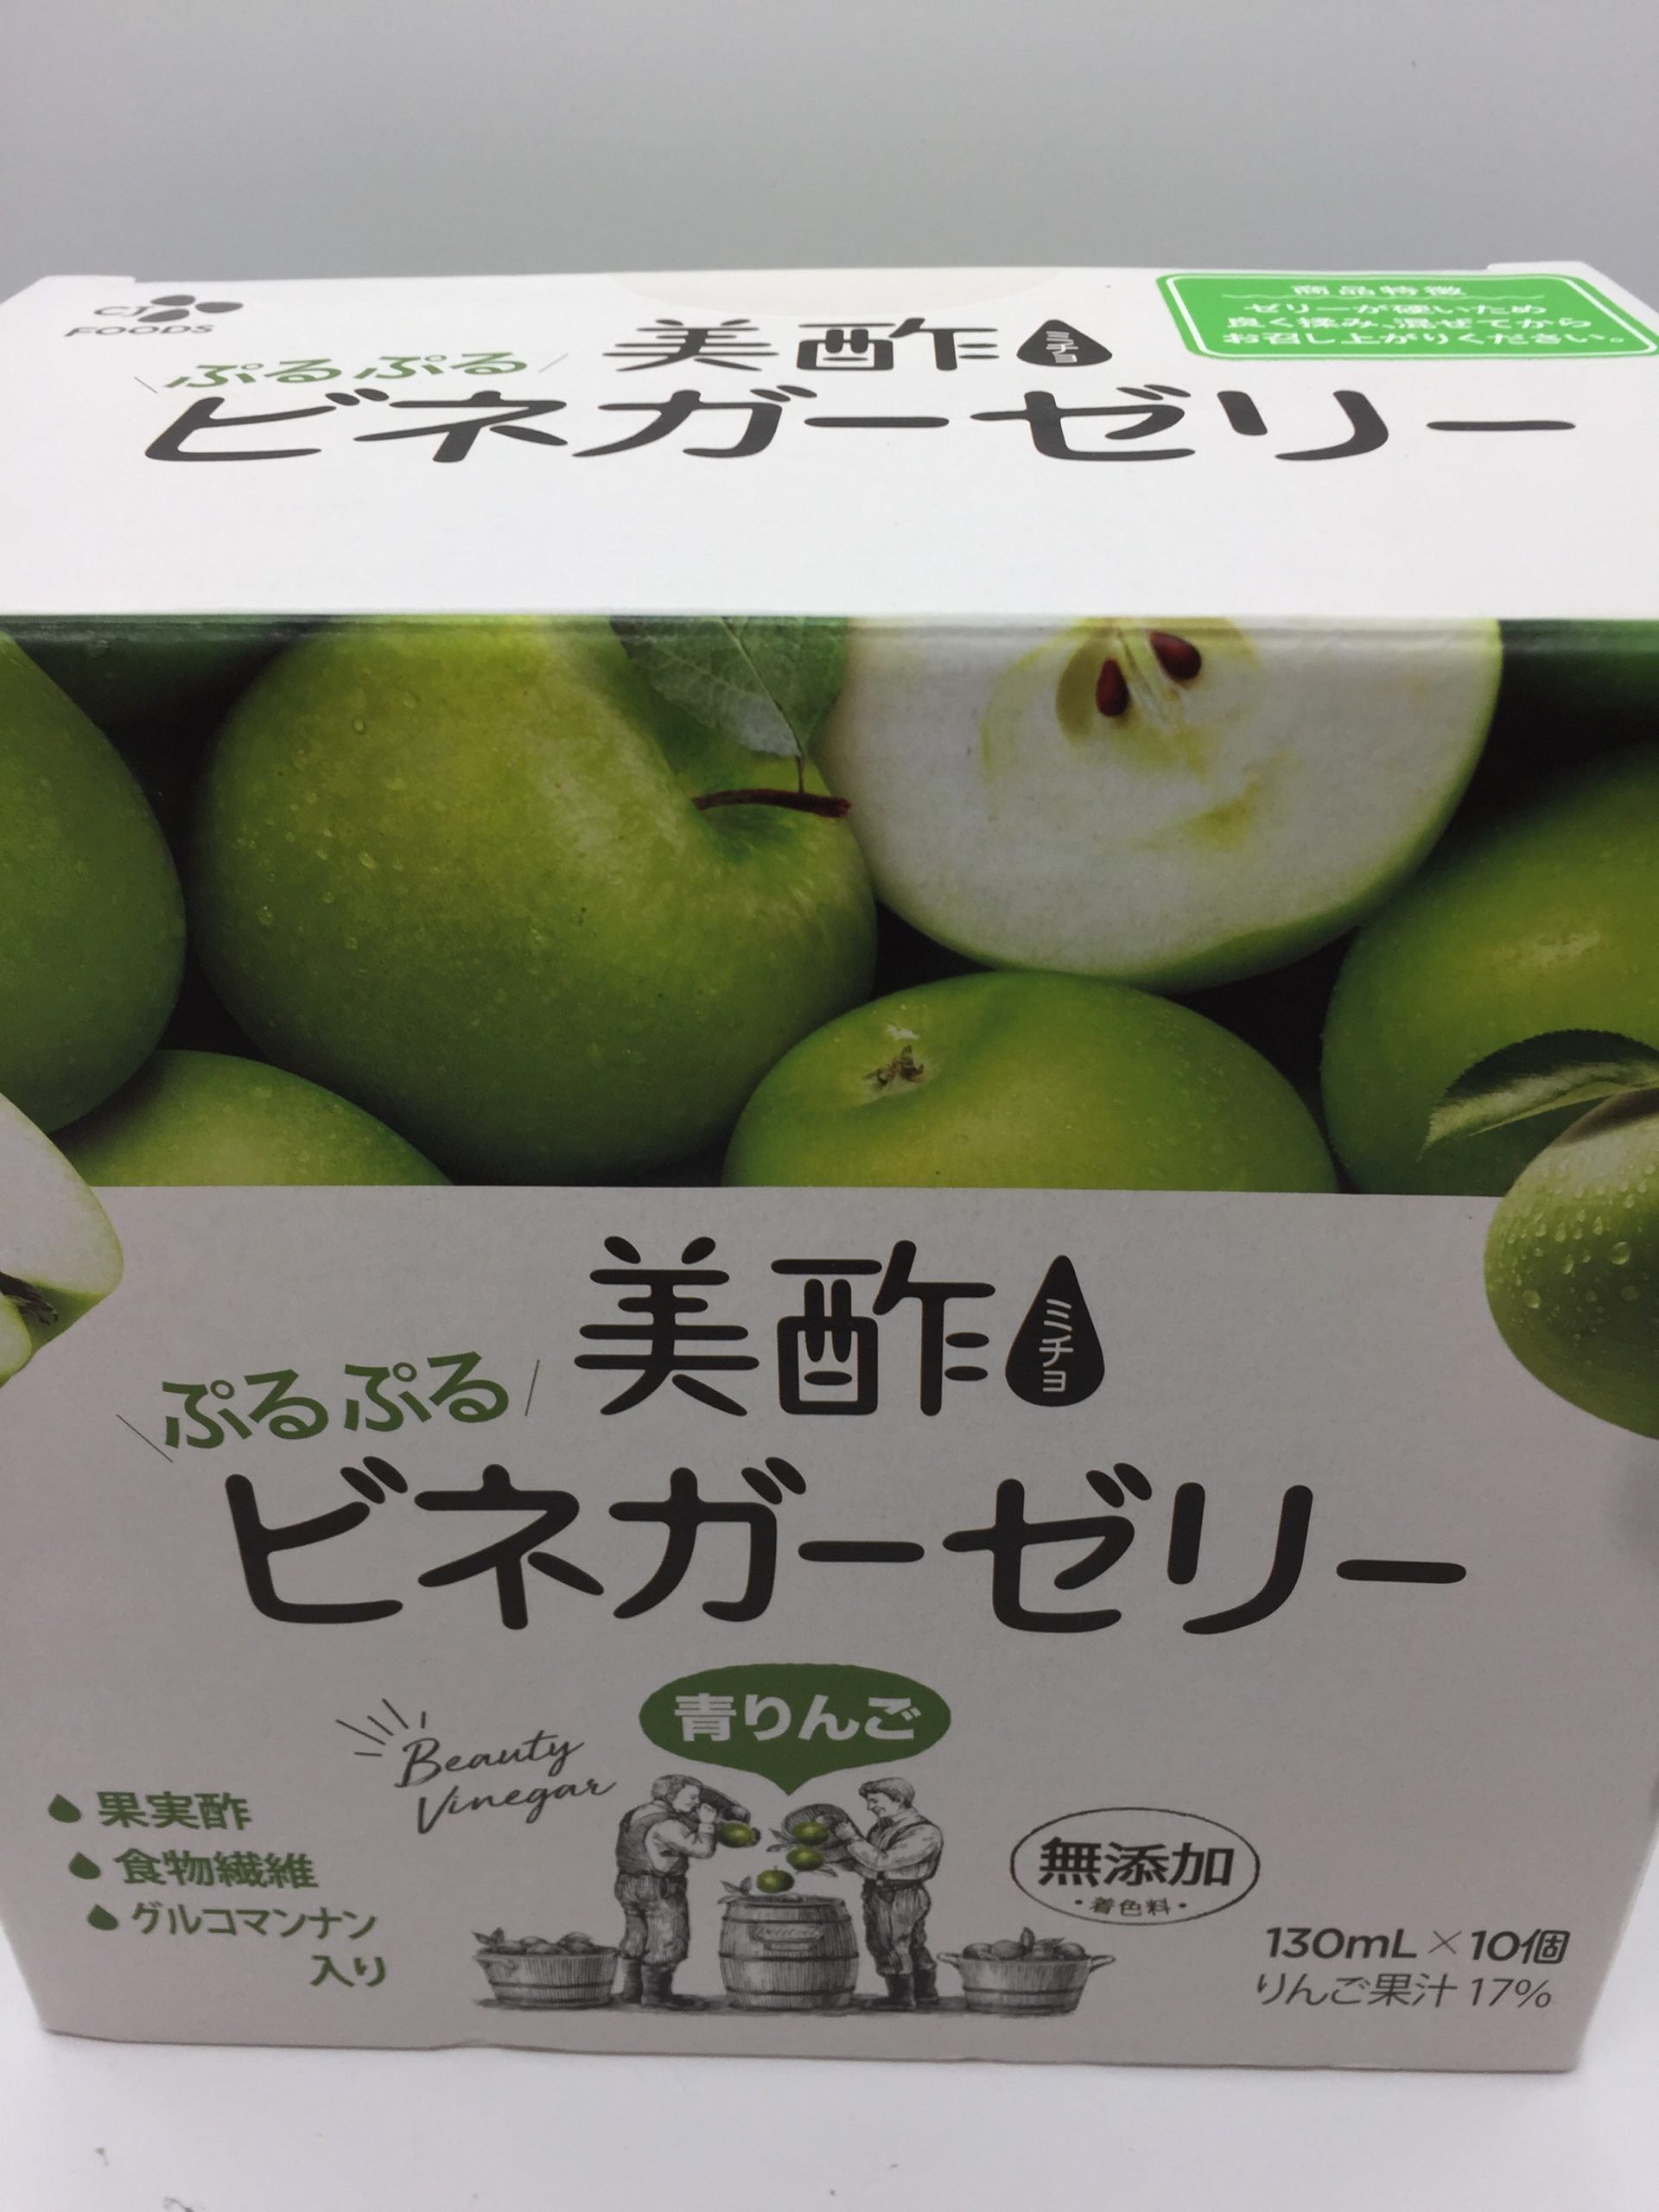 リンゴ 酢 コストコ